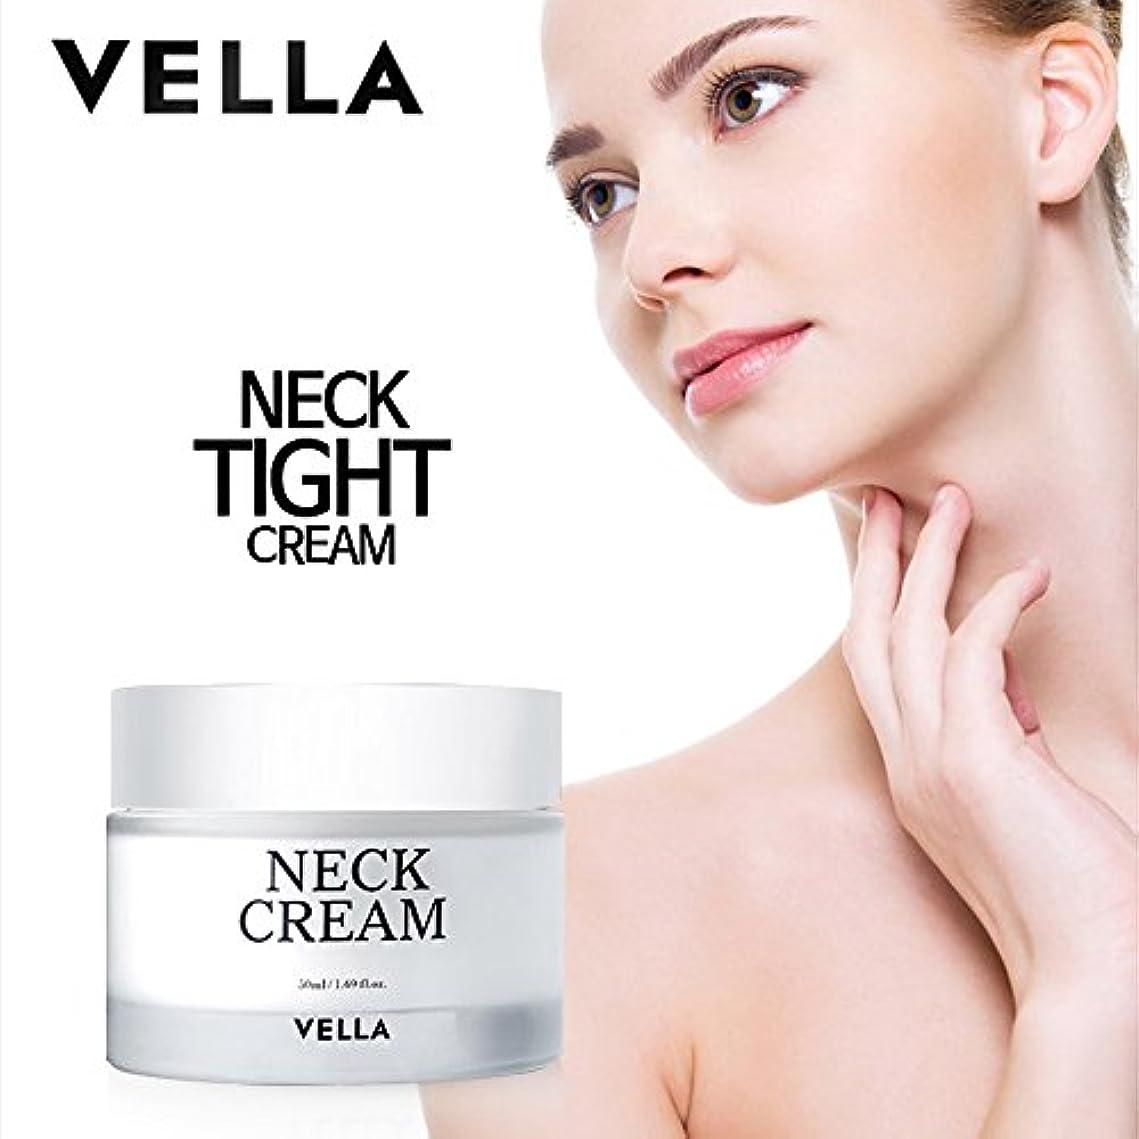 耐える緩やかなかろうじてVELLA Anti Wrinkle & Whitening Strong Neck Cream(体がキレイvella首専用のクリーム) 50ml [並行輸入品]